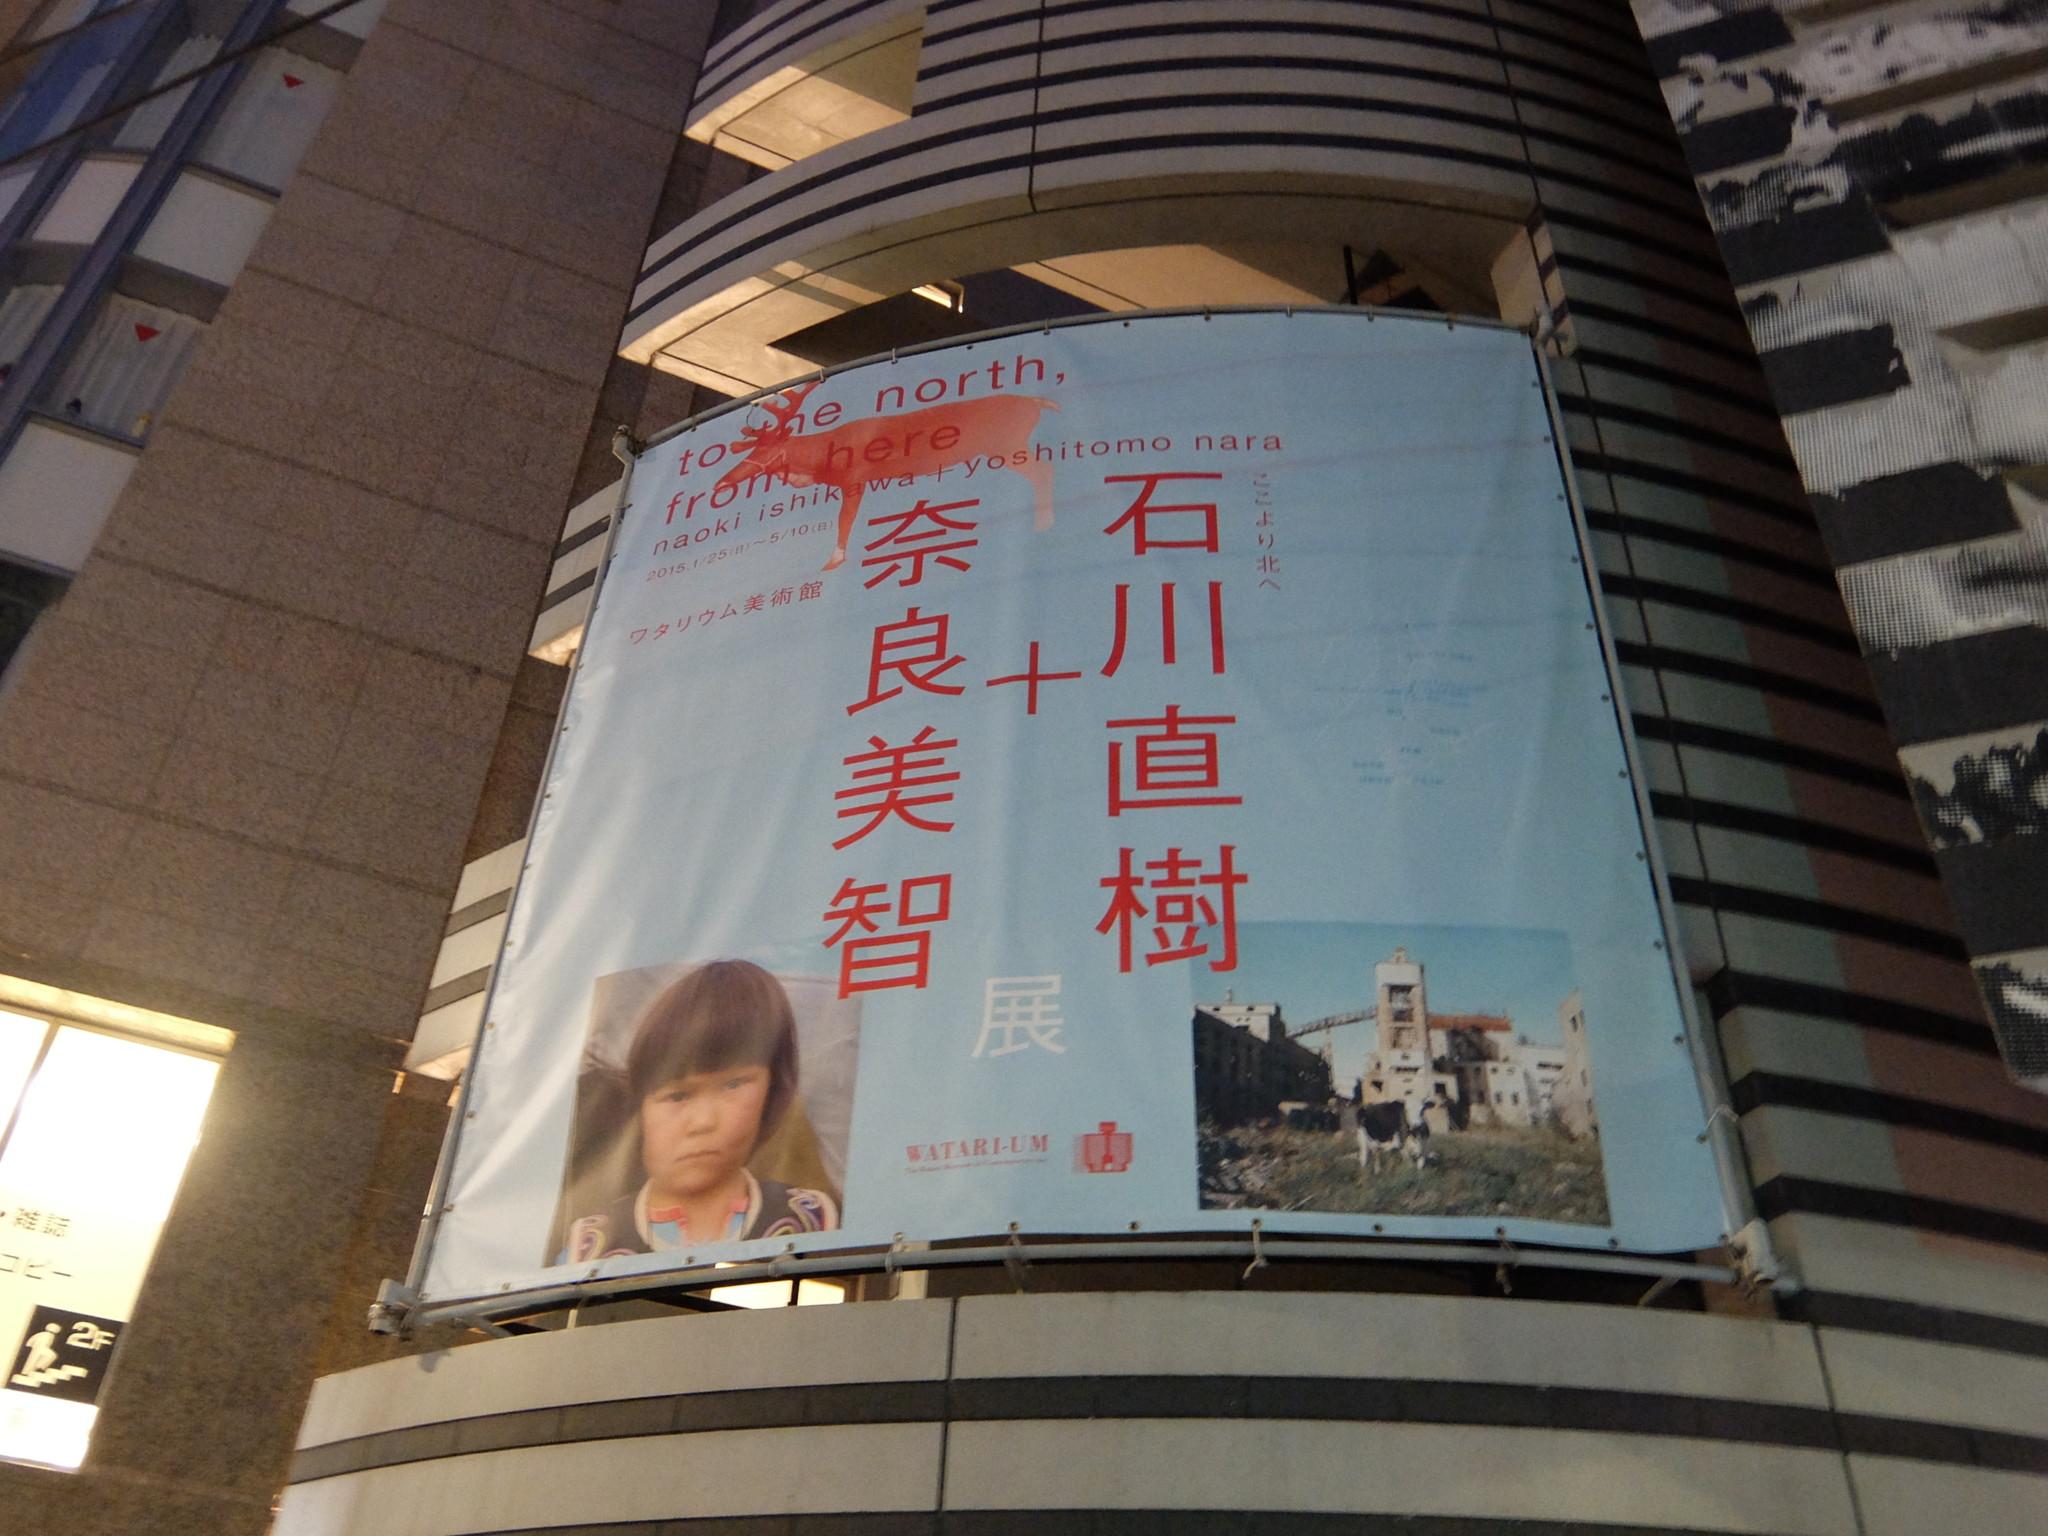 ここより北へ 石川直樹 + 奈良美智展